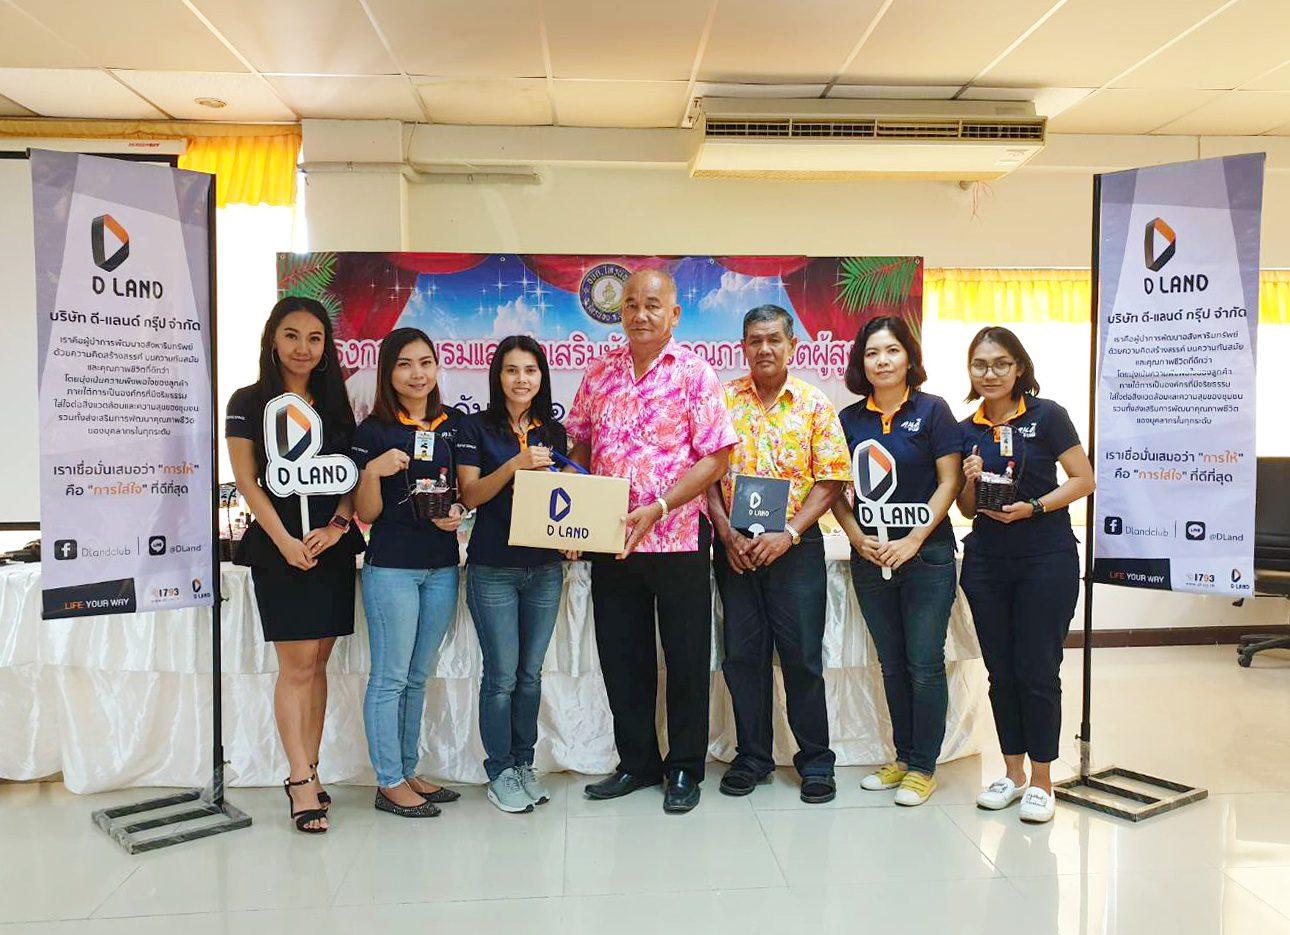 ดี-แลนด์ฯ สนับสนุนกิจกรรมเนื่องในวันผู้สูงอายุแห่งชาติ ประจำปี 2562